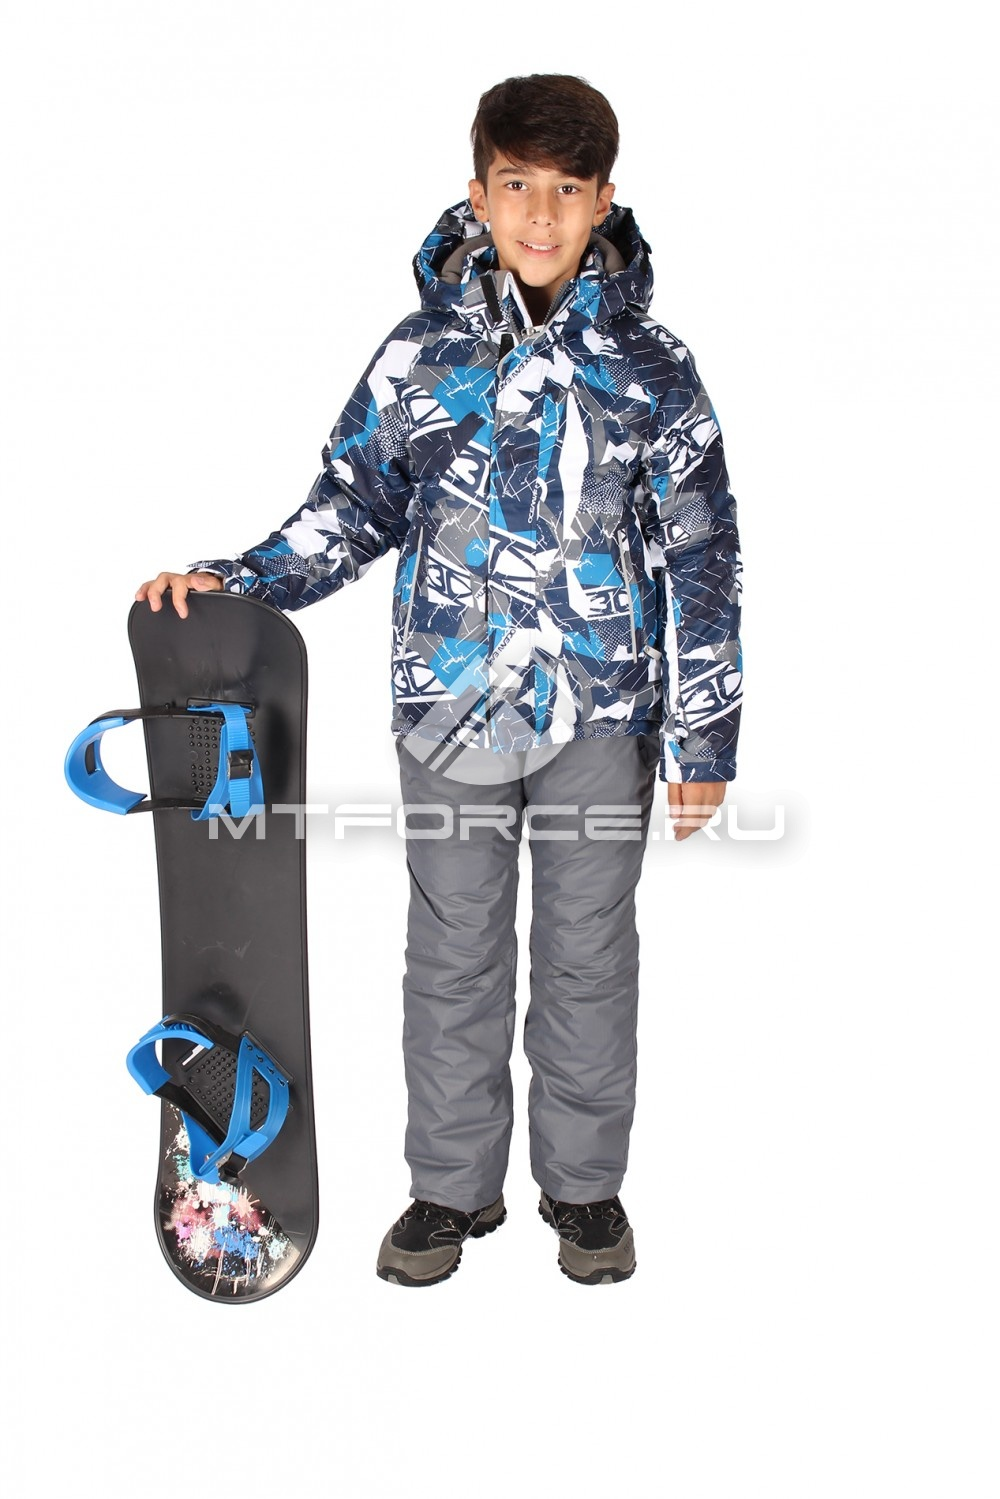 Купить                                  оптом Костюм горнолыжный  для мальчика синего цвета 708S